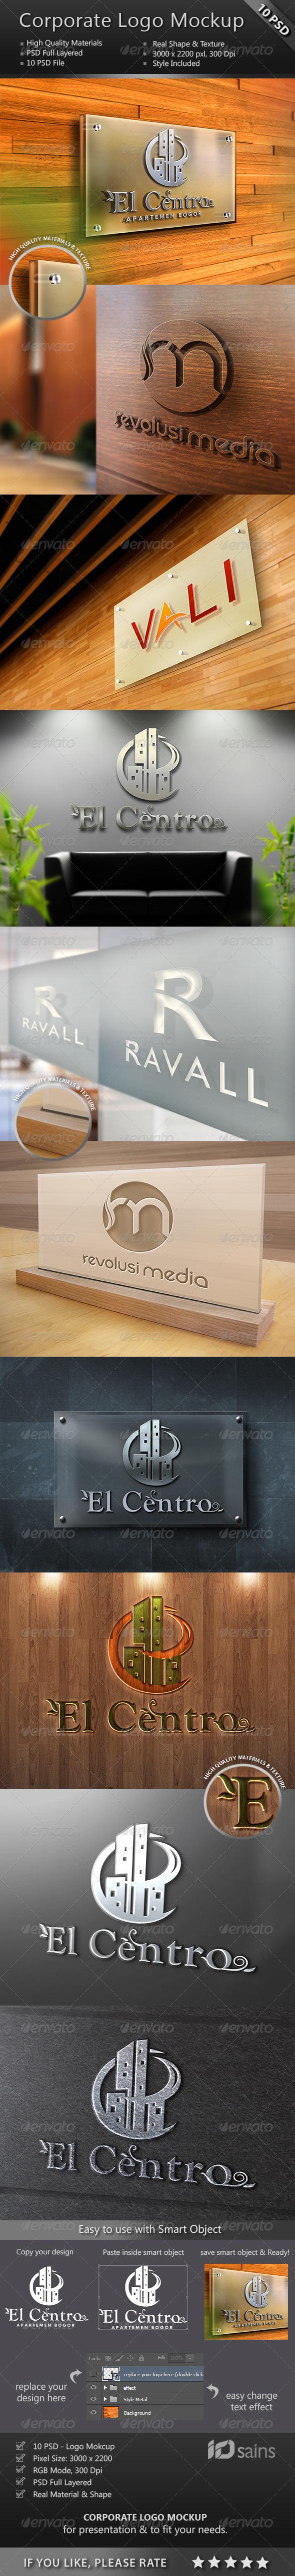 GraphicRiver Corporate Logo Mockup Set 8769471